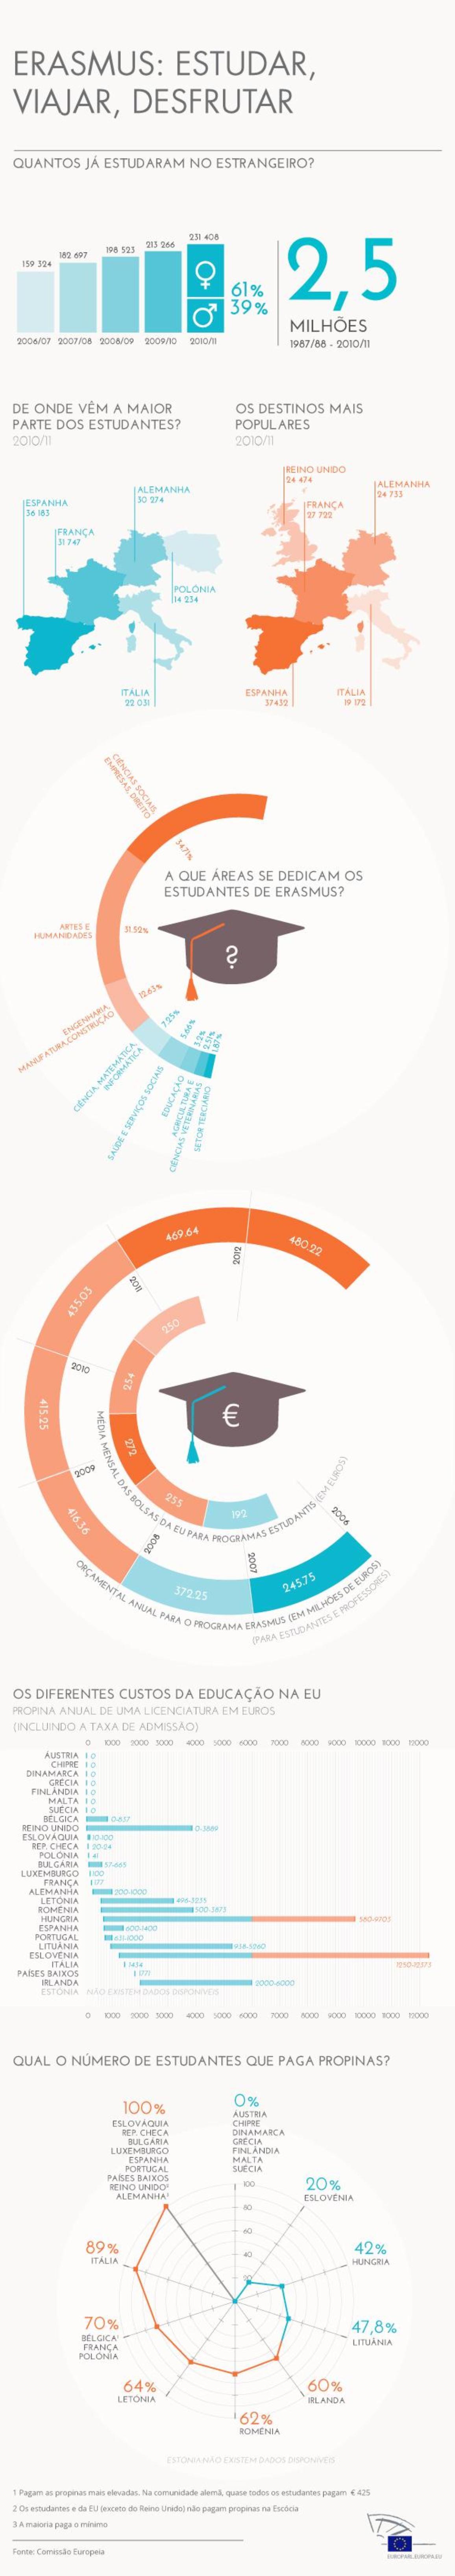 Desde o lançamento do Programa Erasmus no final da década de 80, quase 3 milhões de estudantes e professores estudaram e trabalharam no estrangeiro